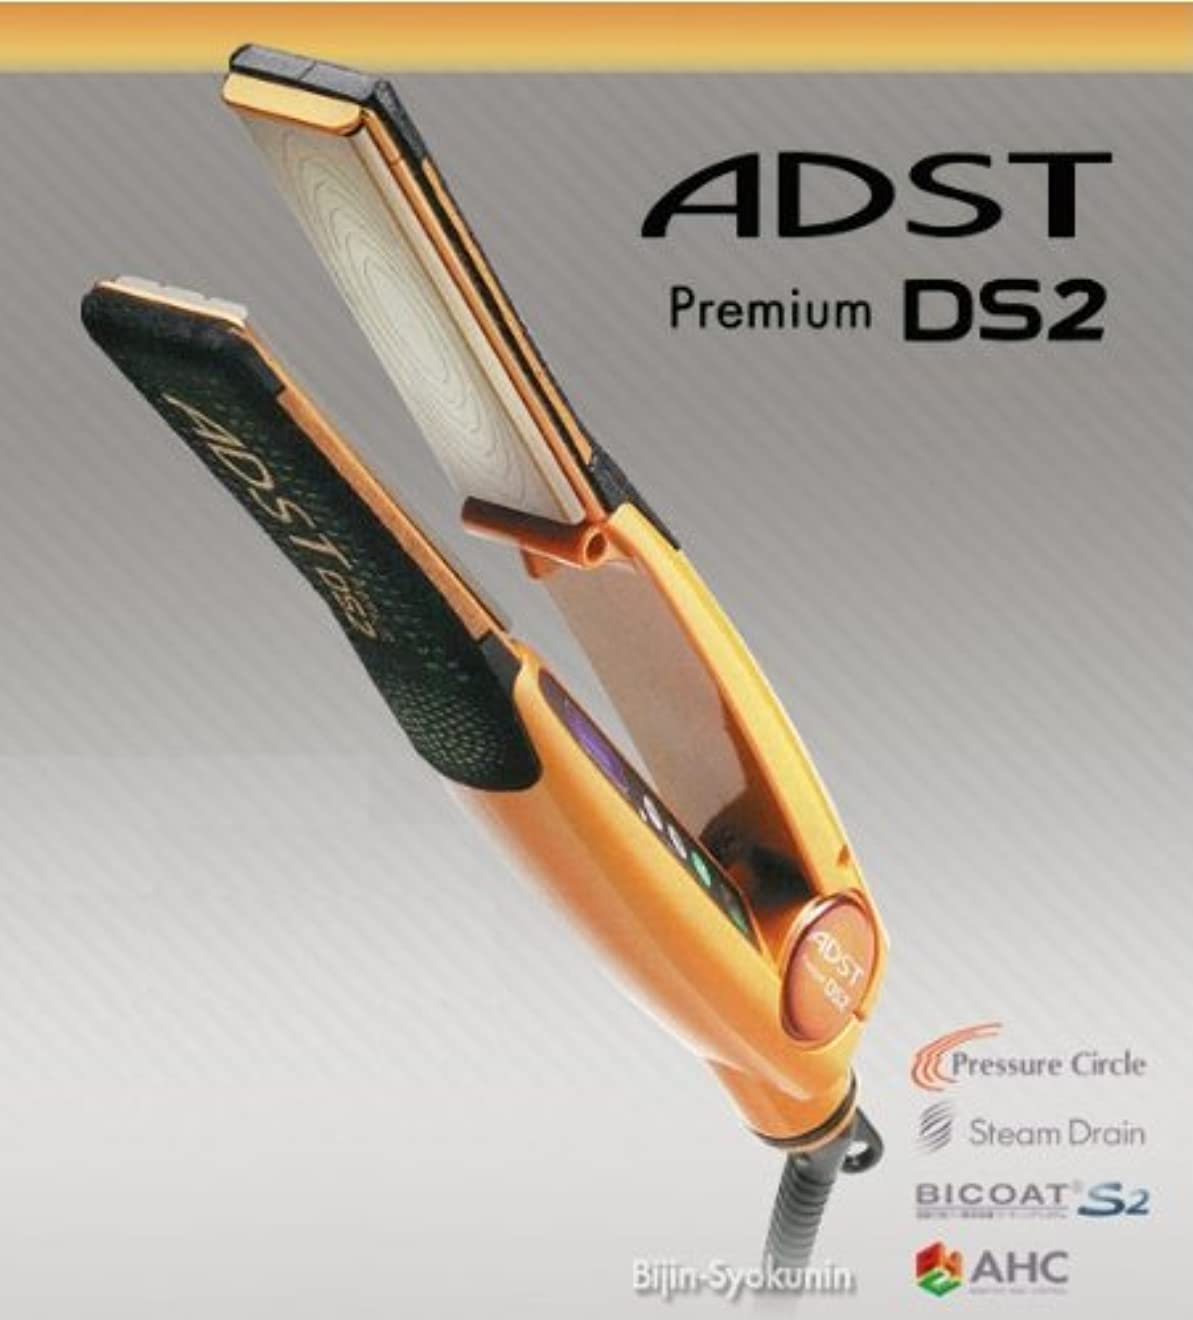 受賞正直感嘆ADST Premium DS2 アドスト プレミアム DS2 ストレートアイロン